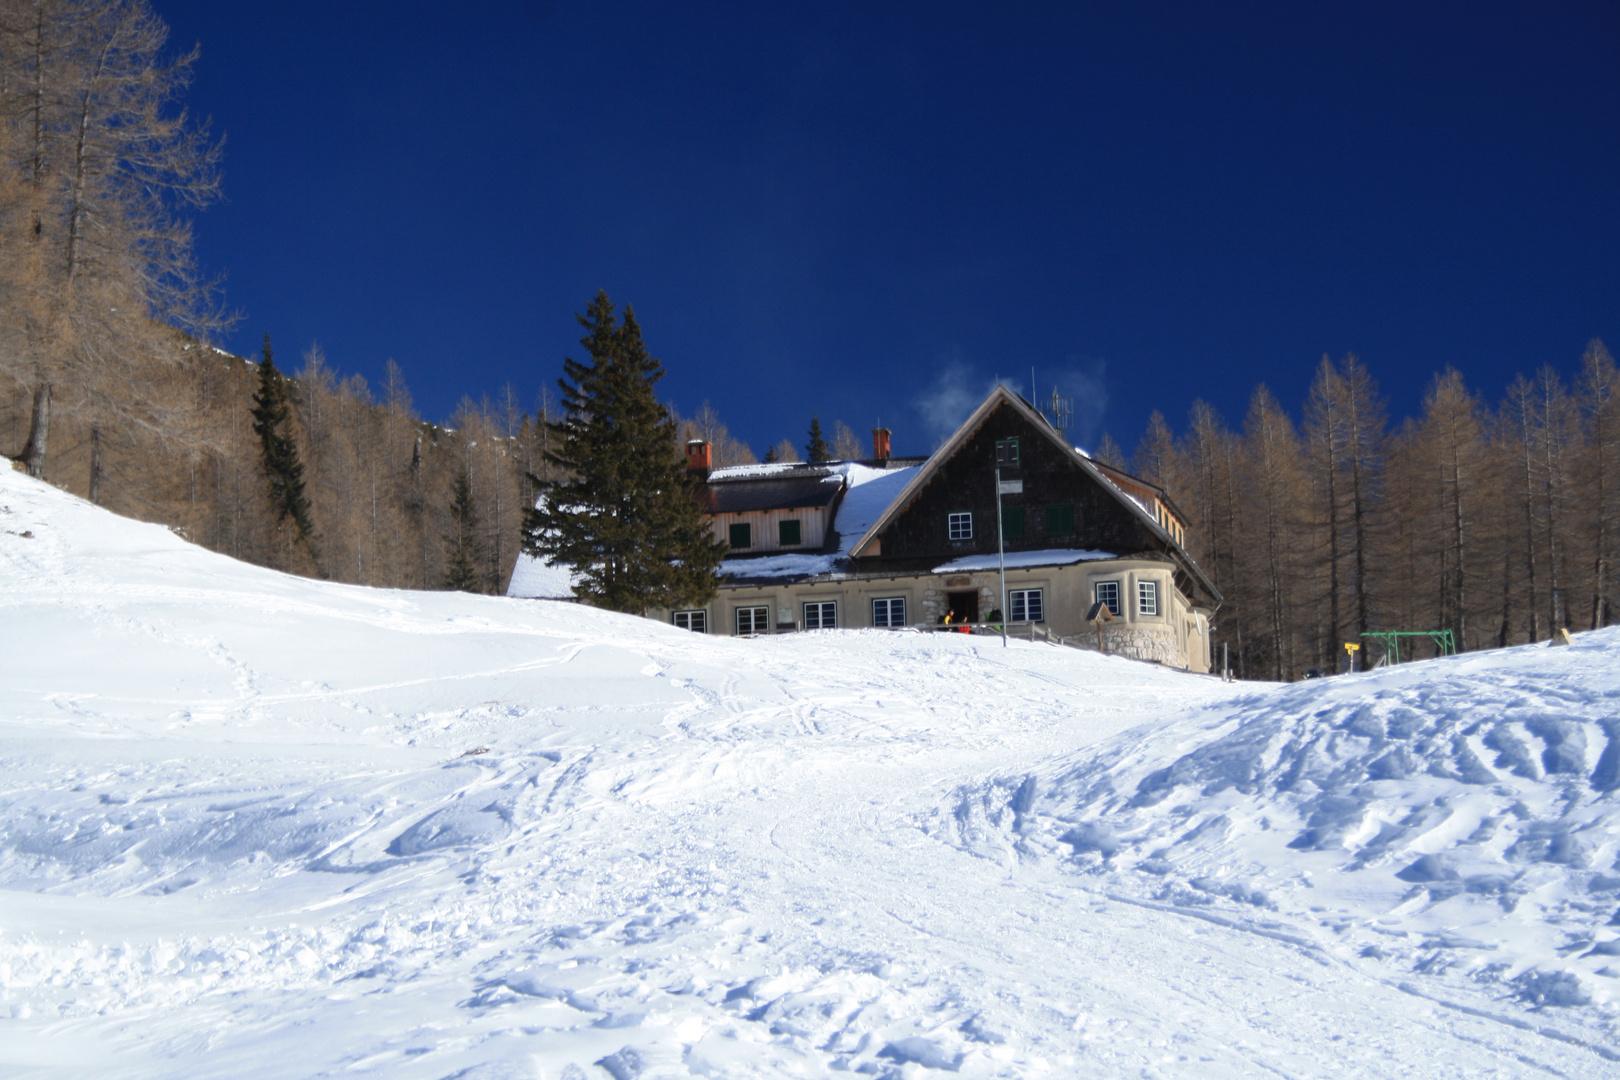 Wintertag in den Bergen (Karawanken)